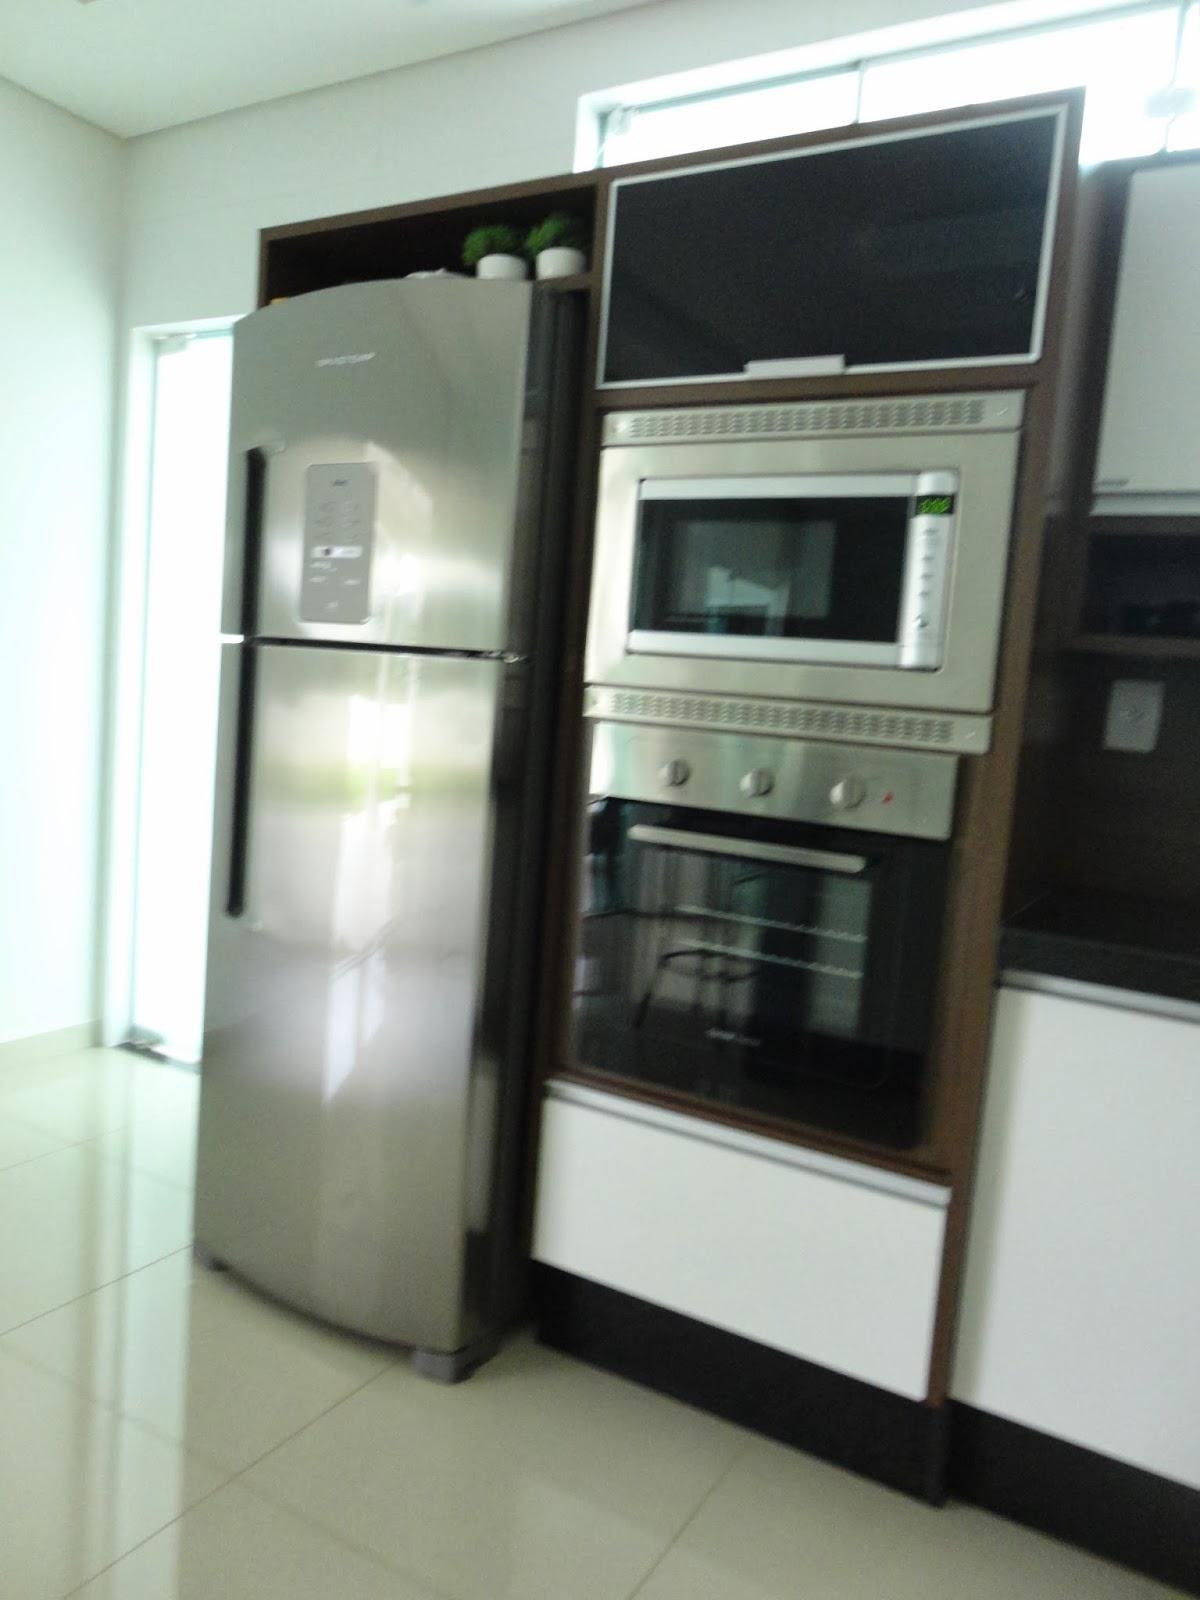 #587360 sonho : Cozinha Oi gente!Vim mostrar a cozinha na verdade gos  1200x1600 px Projetos De Cozinhas Brastemp #439 imagens